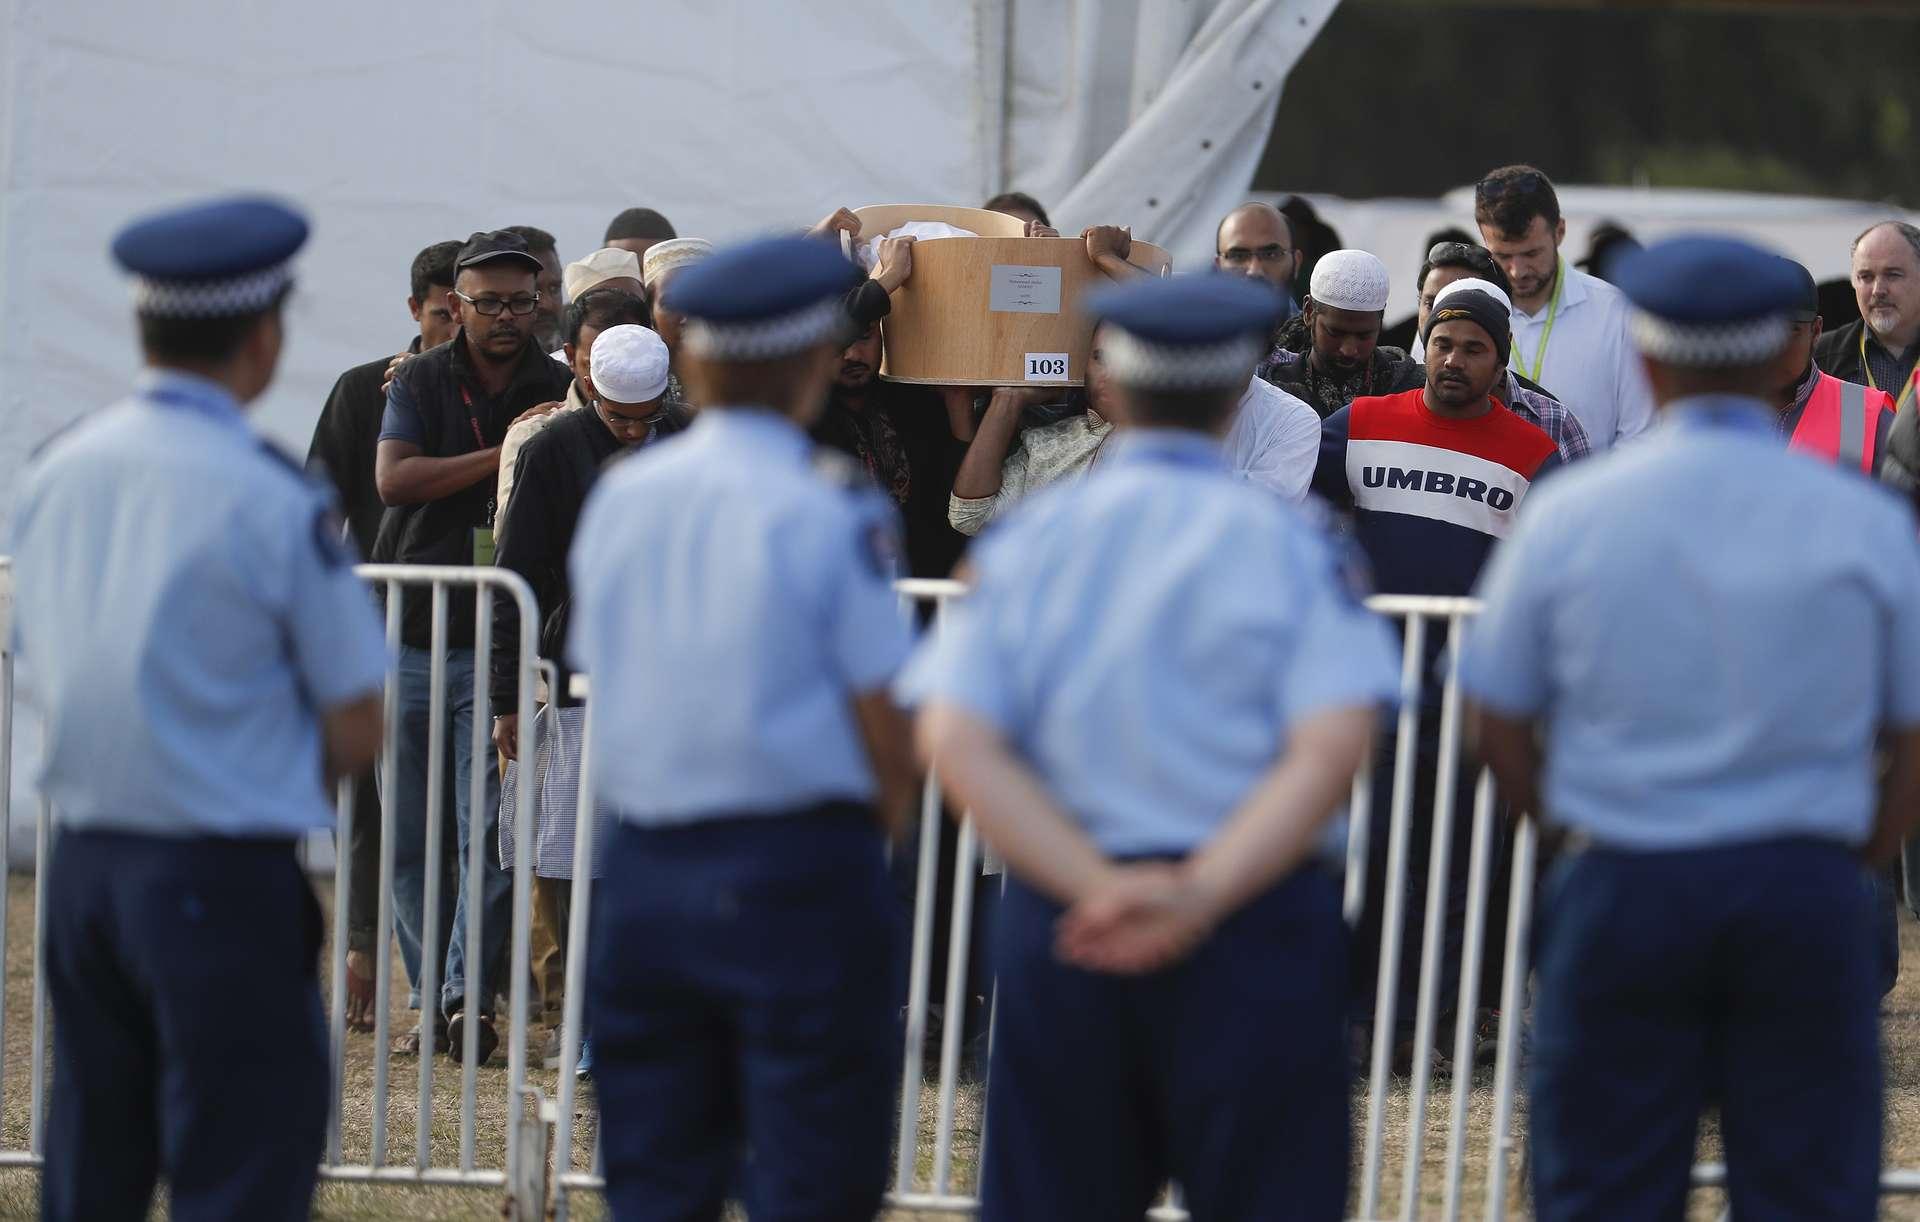 новая зеландия теракт Picture: Устроившего стрельбу в мечетях Новой Зеландии могут